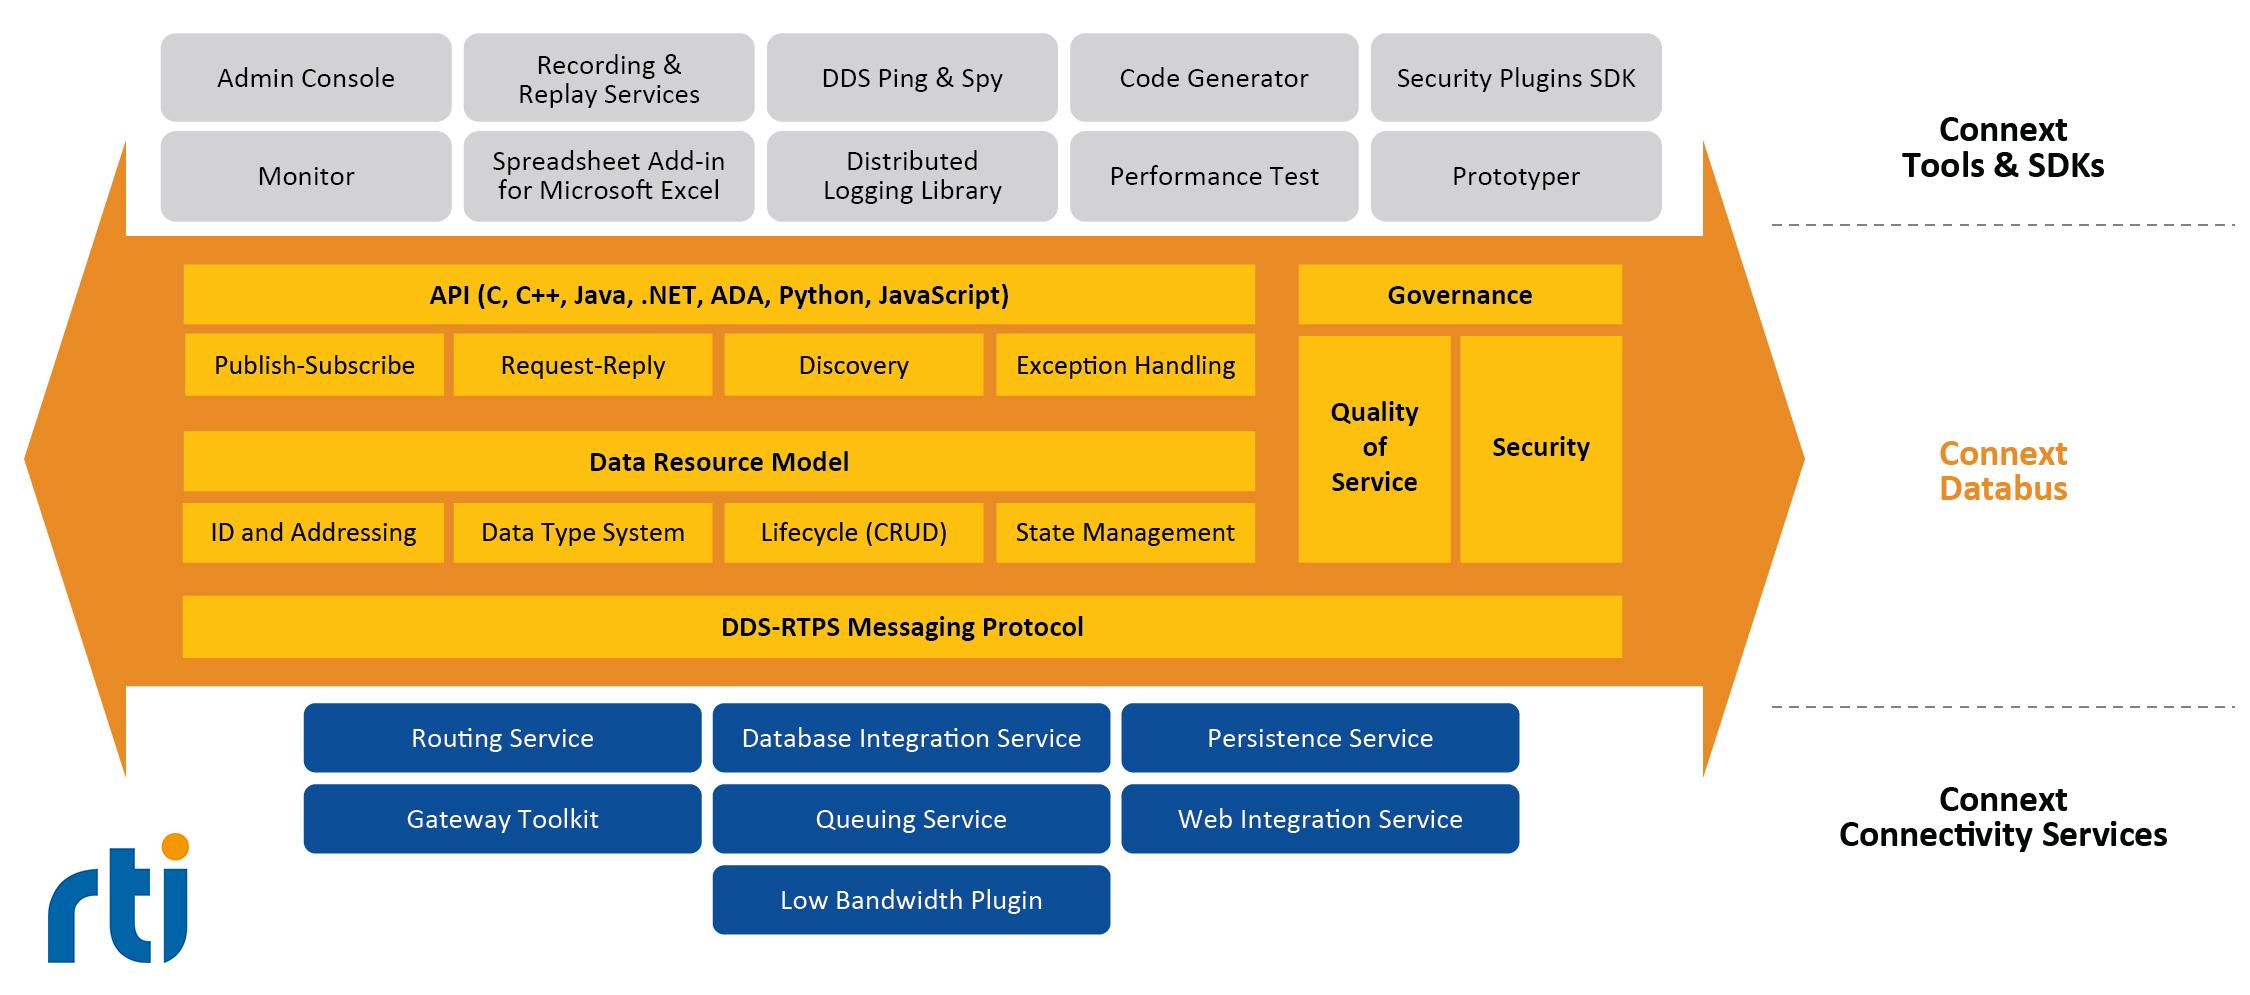 IIRA-konforme Konnektivitätssoftware für das IIoT